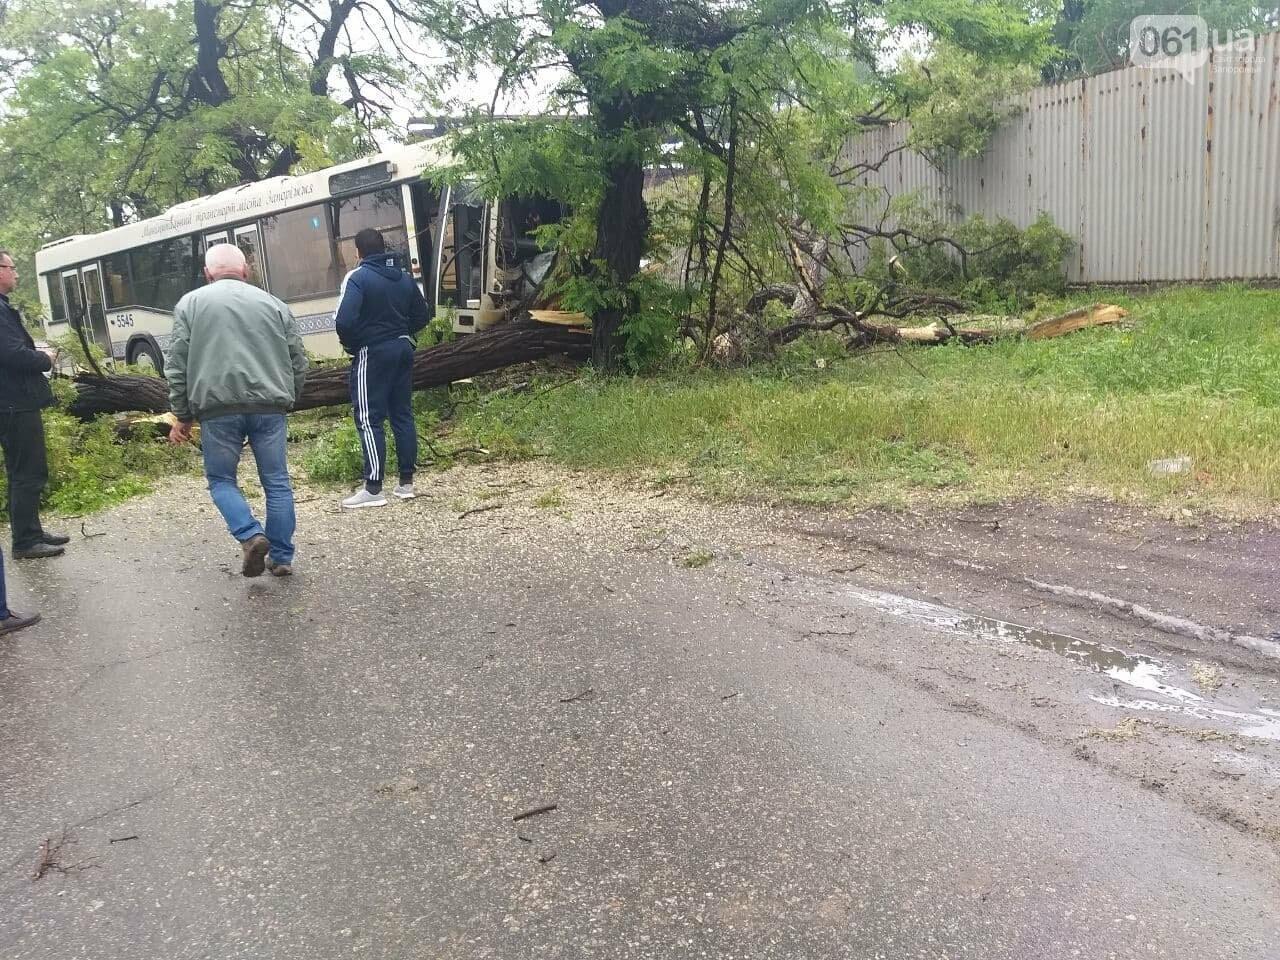 photo2021 06 0311 53 25 60b8d86a2fa16 - В Запорожье коммунальный автобус врезался в дерево: в ДТП пострадали двое человек, - ФОТО